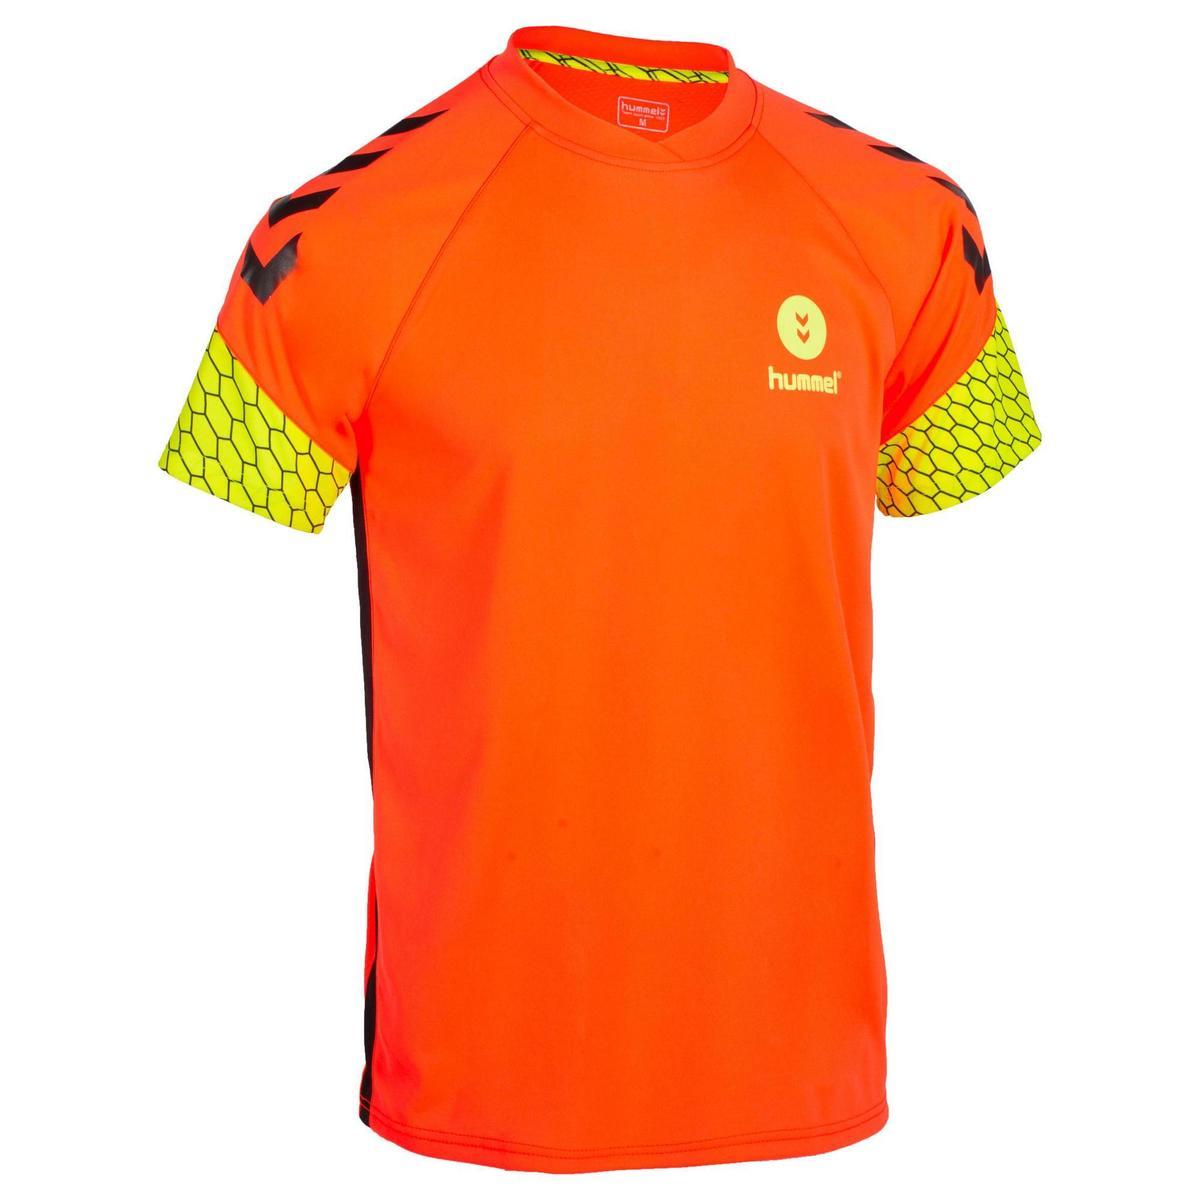 Bild 1 von Handballtrikot Herren orange/gelb